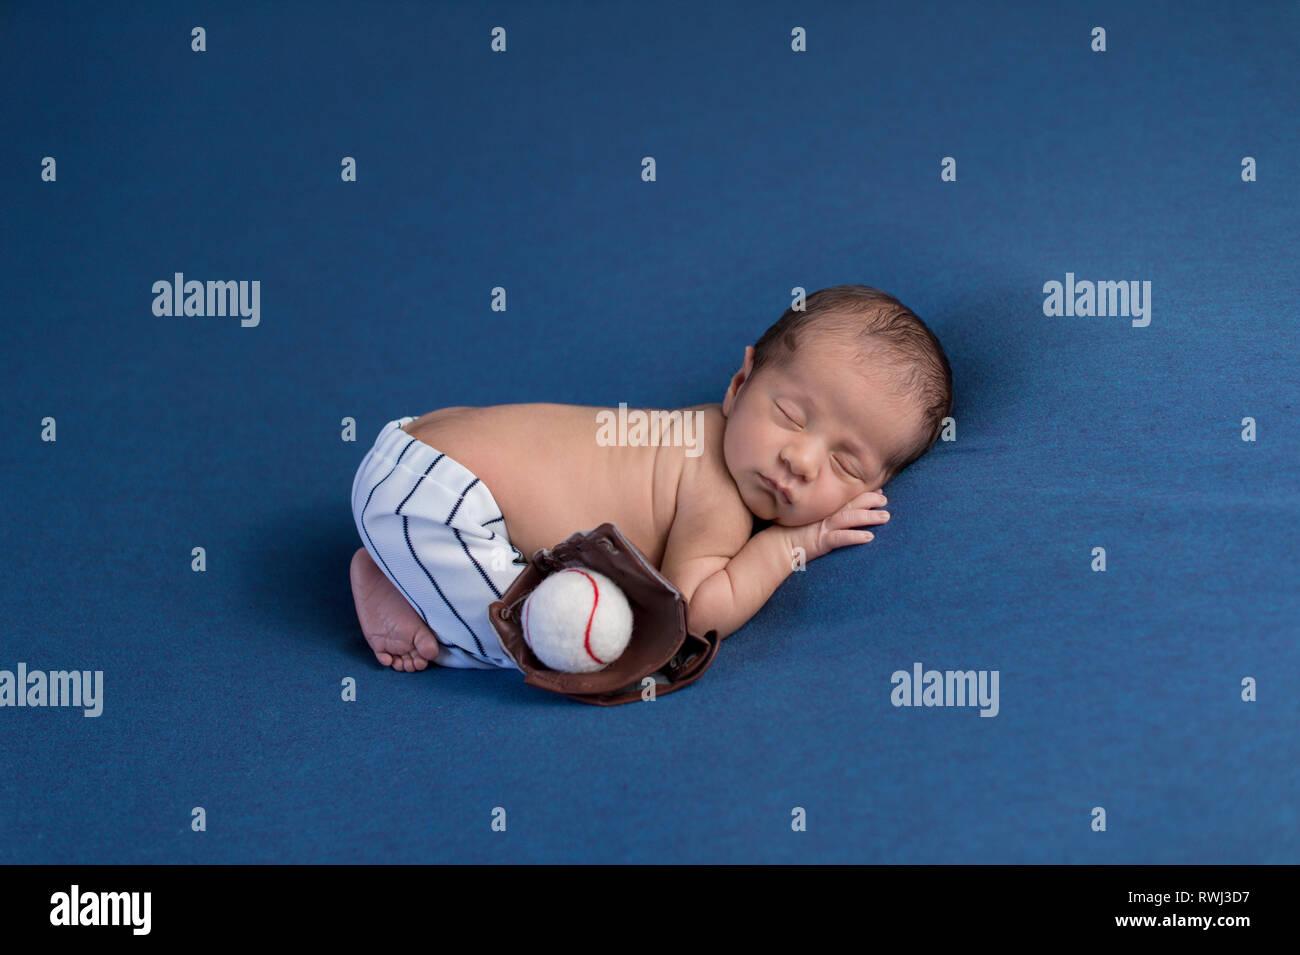 Una Semana De Edad Dormir Bebe Recien Nacido Nino Usando Pantalones Uniformes De Beisbol Con Un Guante Del Receptor Y La Bola Fotografia De Stock Alamy